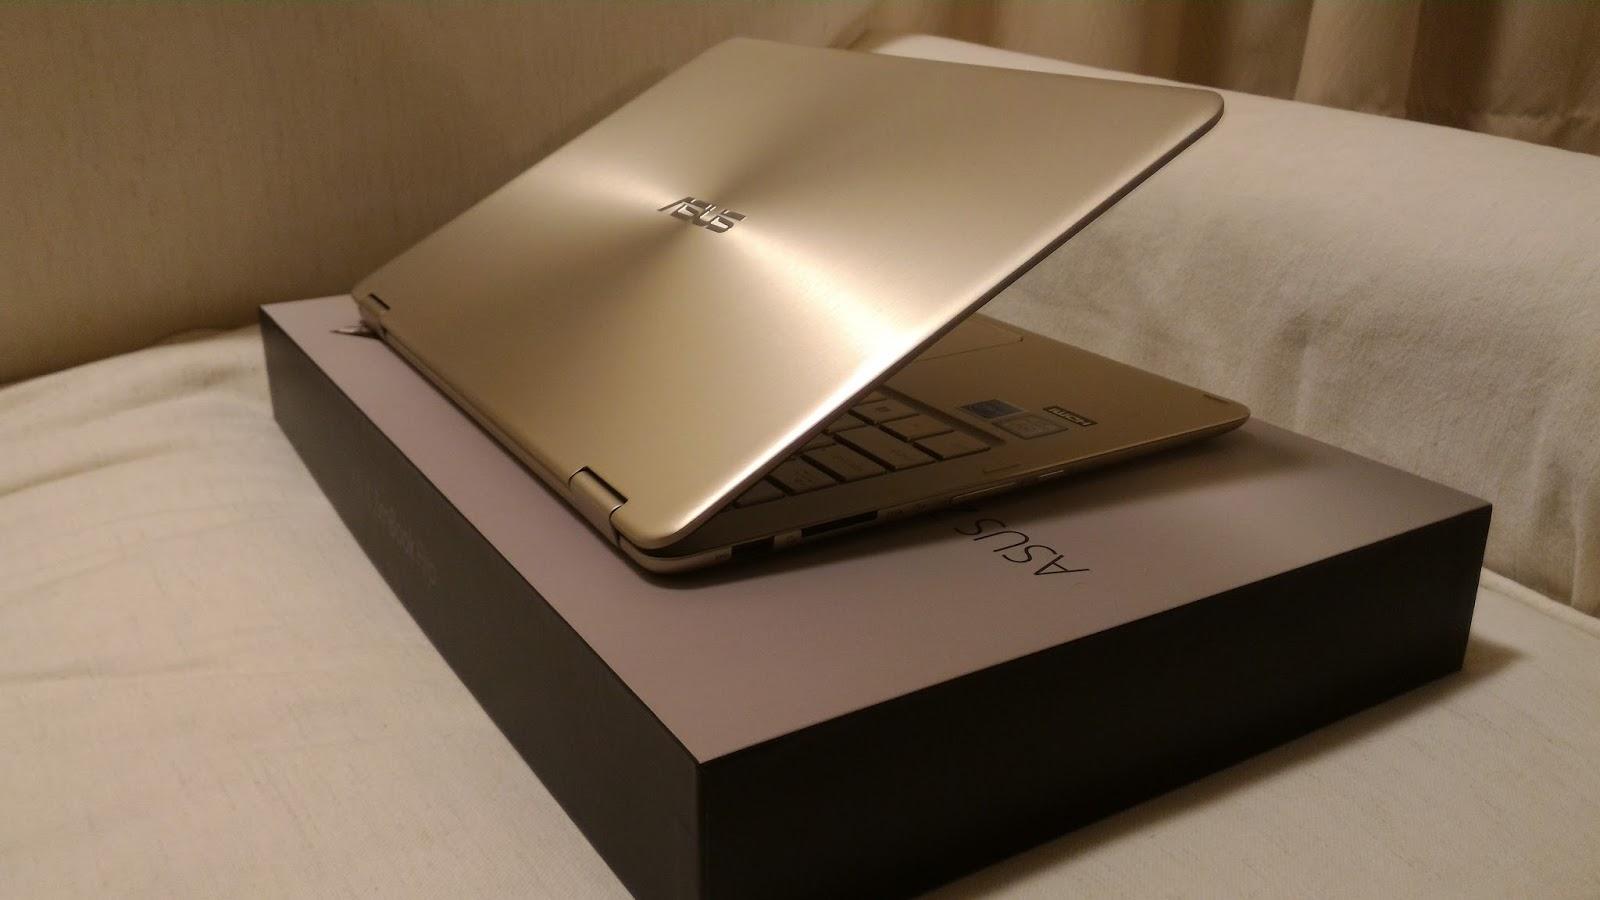 P 20160506 231027 SRES - [開箱] Asus Zenbook Flip UX306CA 極致輕薄、360度自由翻轉